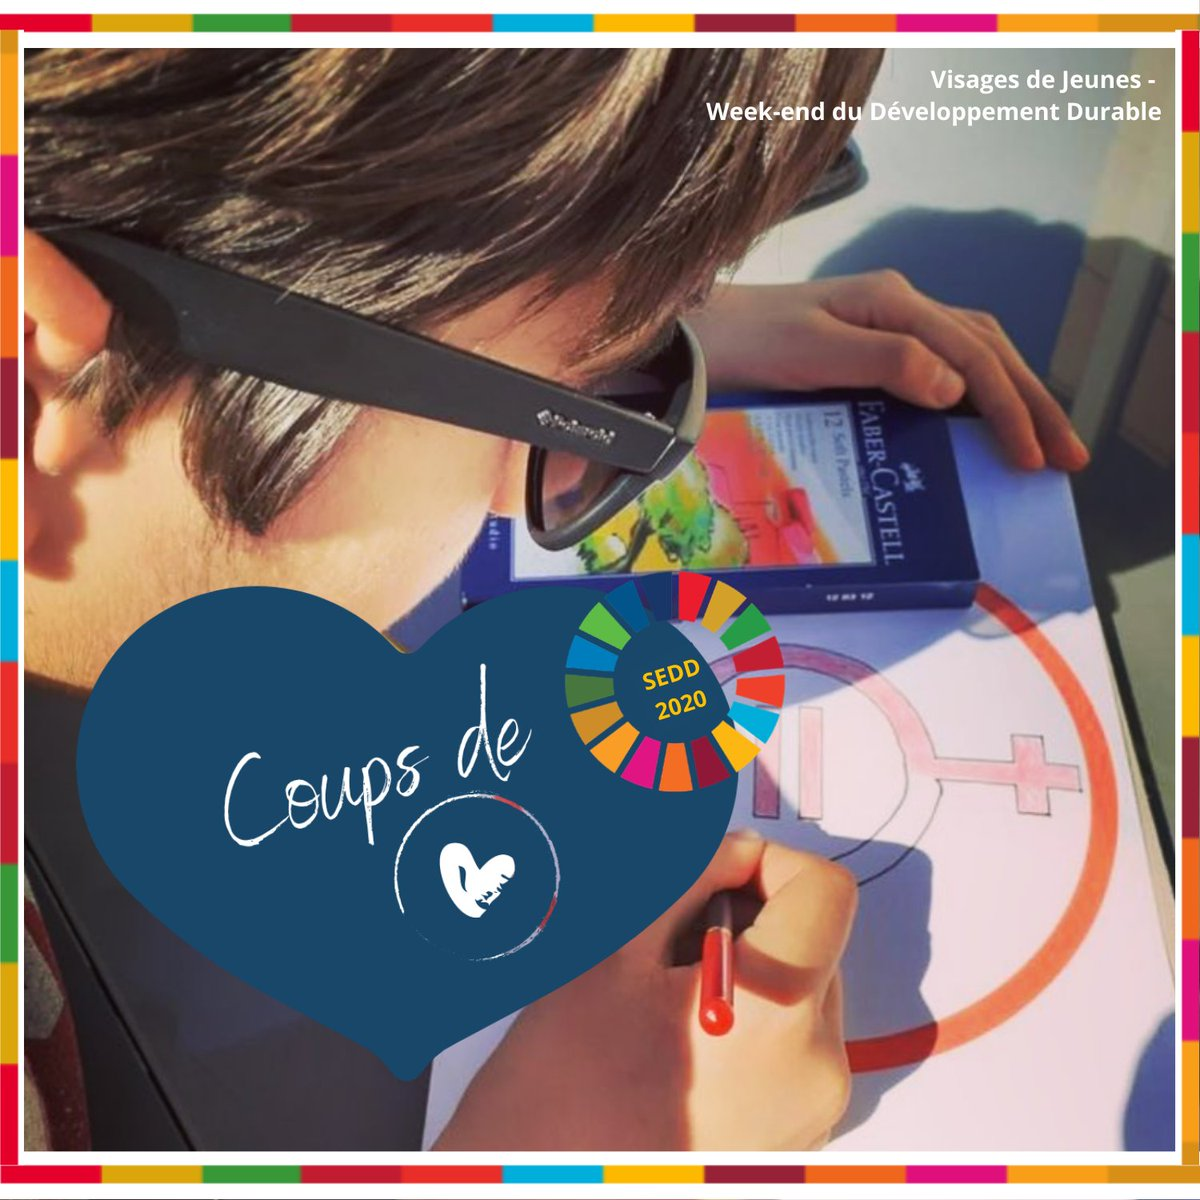 [#SEDD2020] Projet n°1⃣ : Week-end du #DéveloppementDurable par @Visagesdejeunes !  🗣️ Jeux, ateliers, débats, paroles de jeunes engagés et conférences : sensibiliser le grand public aux #ODD.  👉 https://t.co/VGfrXb8QiL  #EDD #ESDW2020 #SEDD #Agenda2030_FR https://t.co/zfSuLufpcC